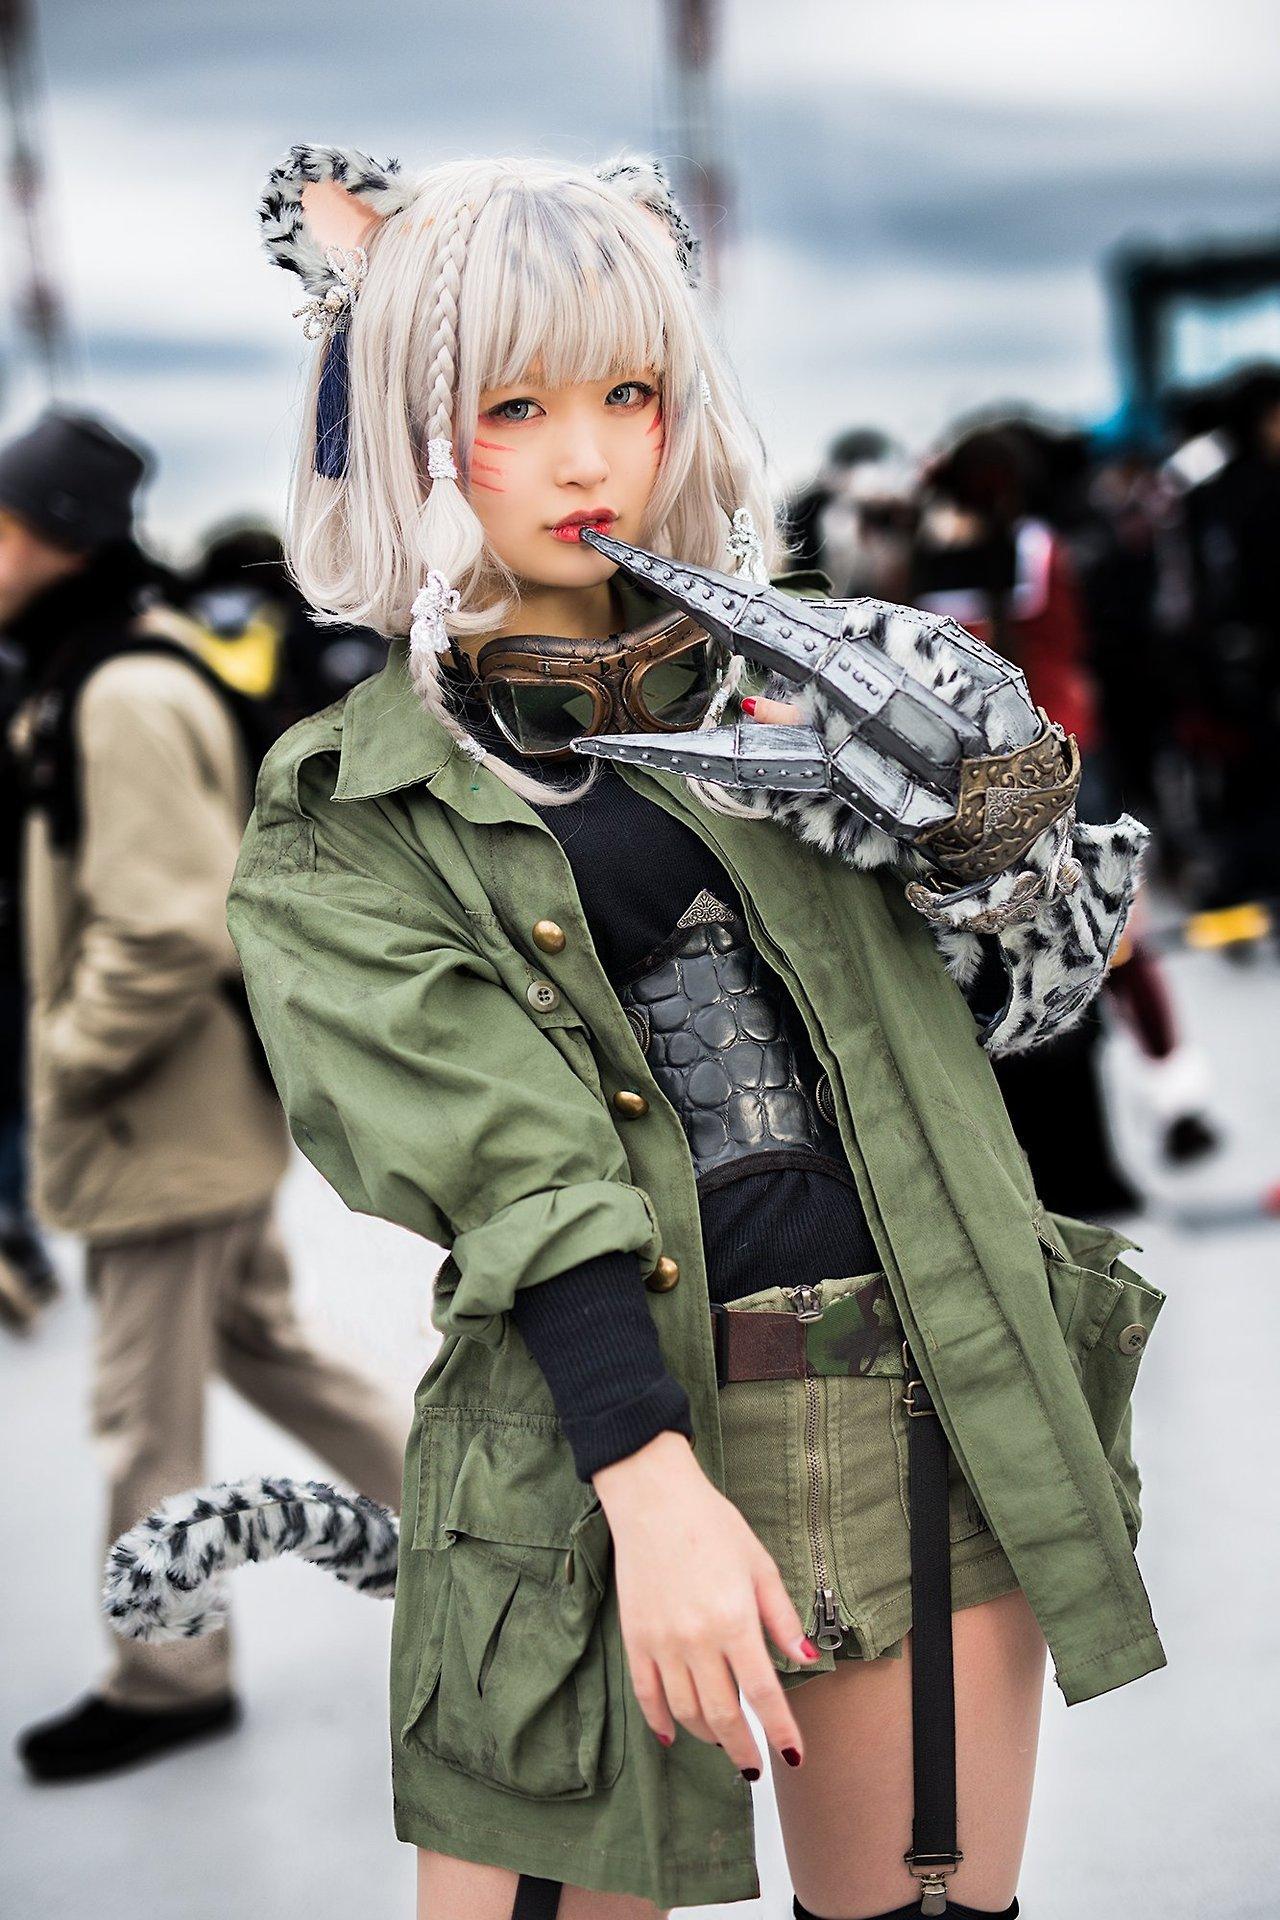 【漫展现场】那些令人称赞的cosplay福利